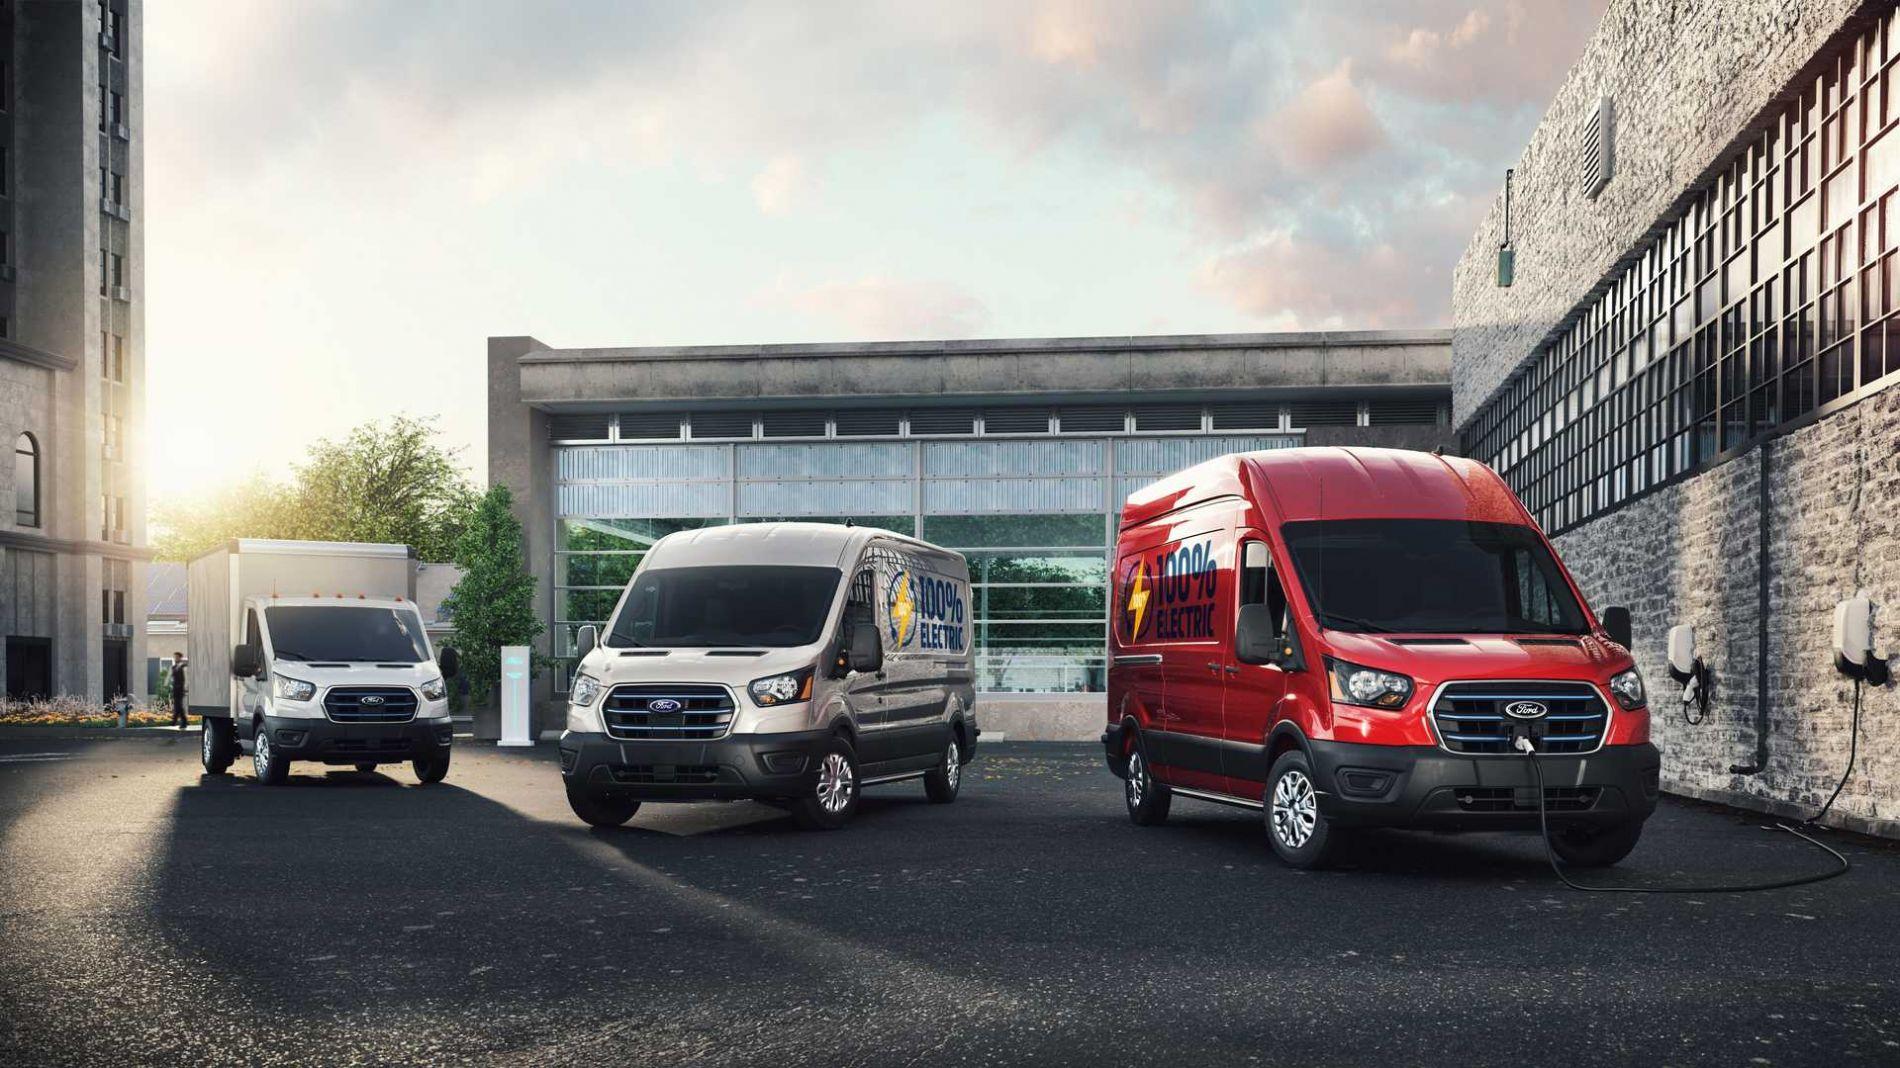 2022 წლიდან ელექტრო Ford E-Transit-ის შეძენა შეგვეძლება